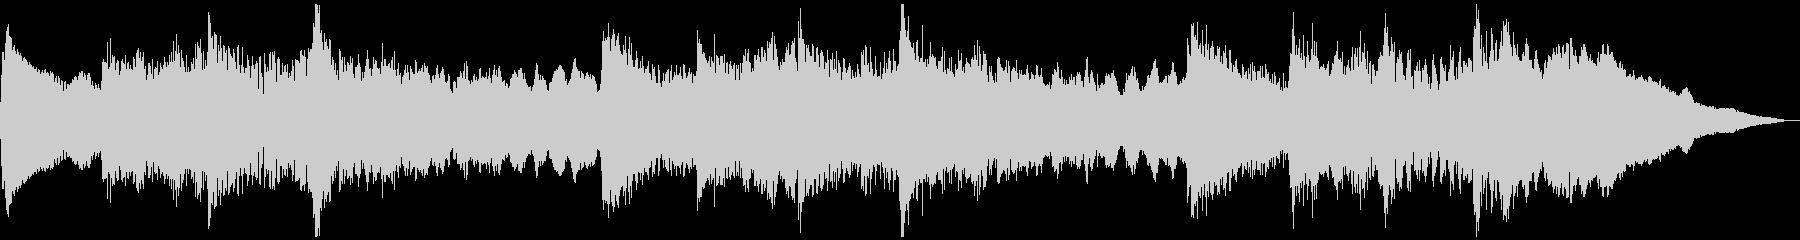 5秒CM用、サウンドロゴverCの未再生の波形